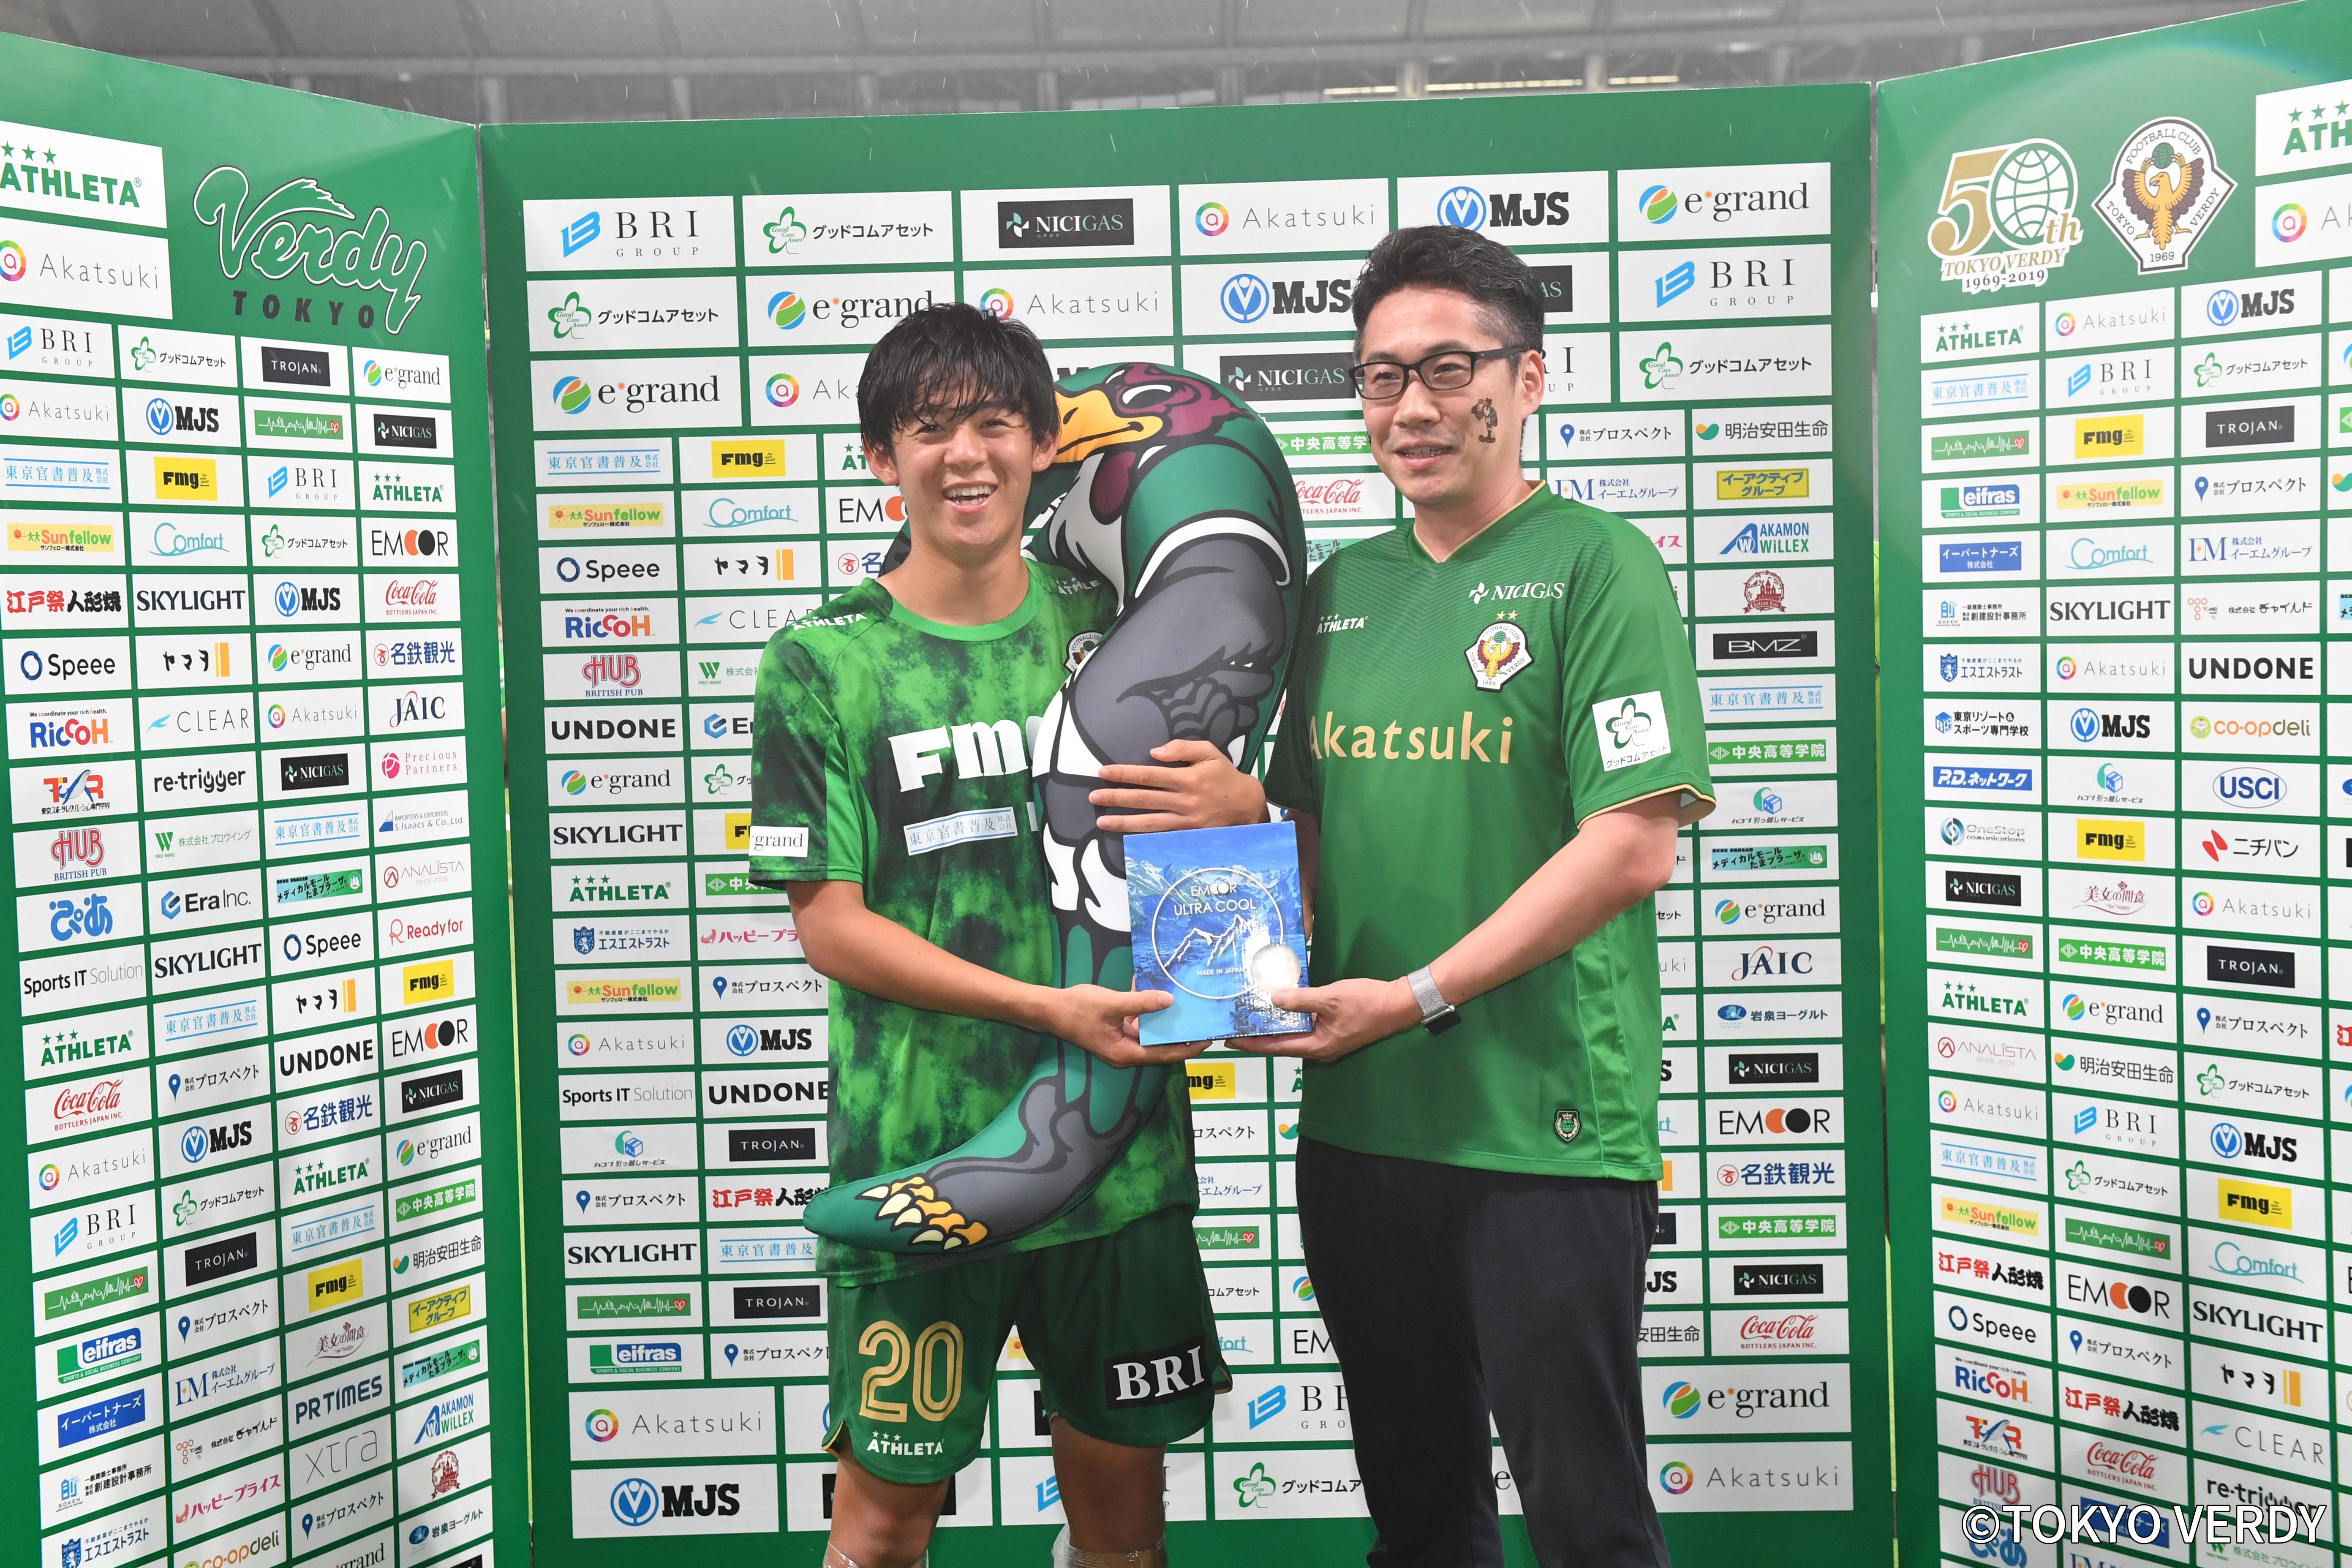 マン・オブ・ザ・マッチを受賞された山本理仁選手